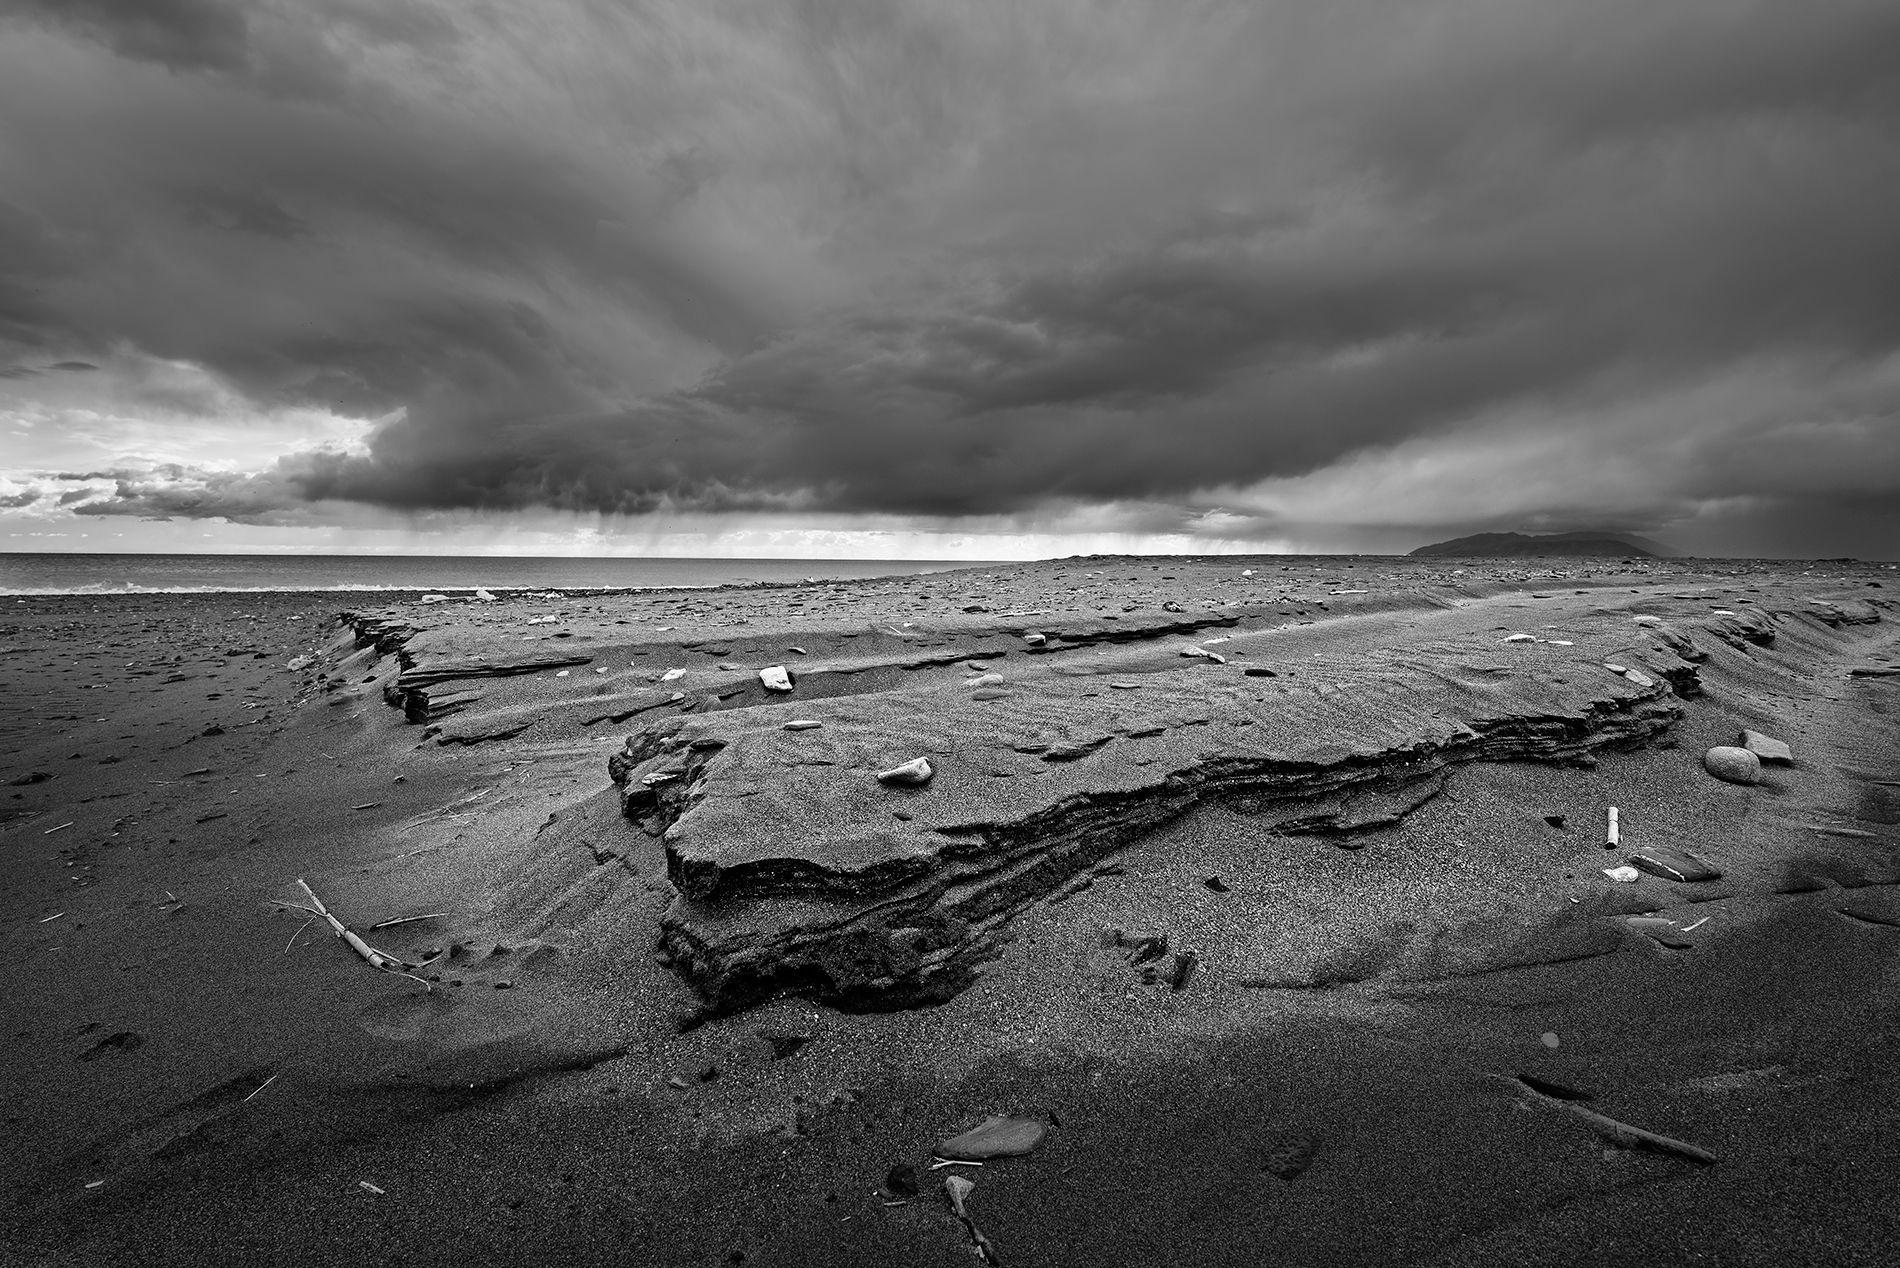 El viento sobre la arena